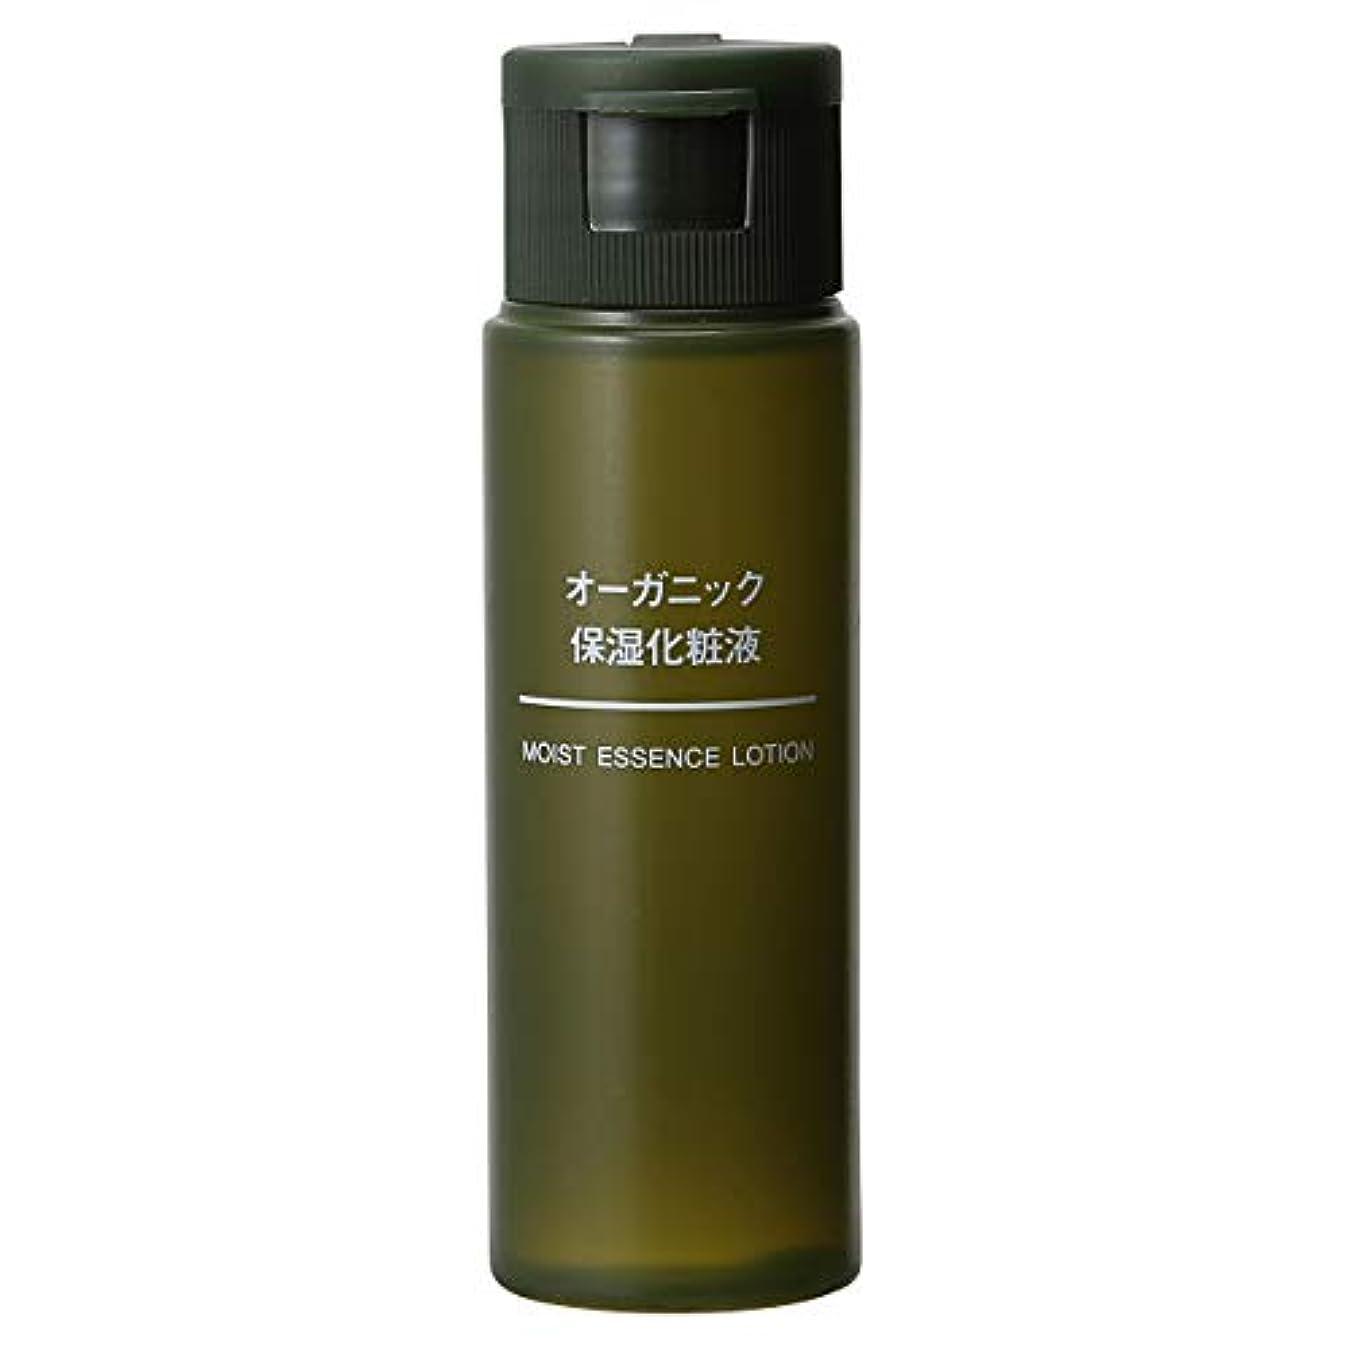 メトリックビザ主権者無印良品 オーガニック保湿化粧液(携帯用) 50ml